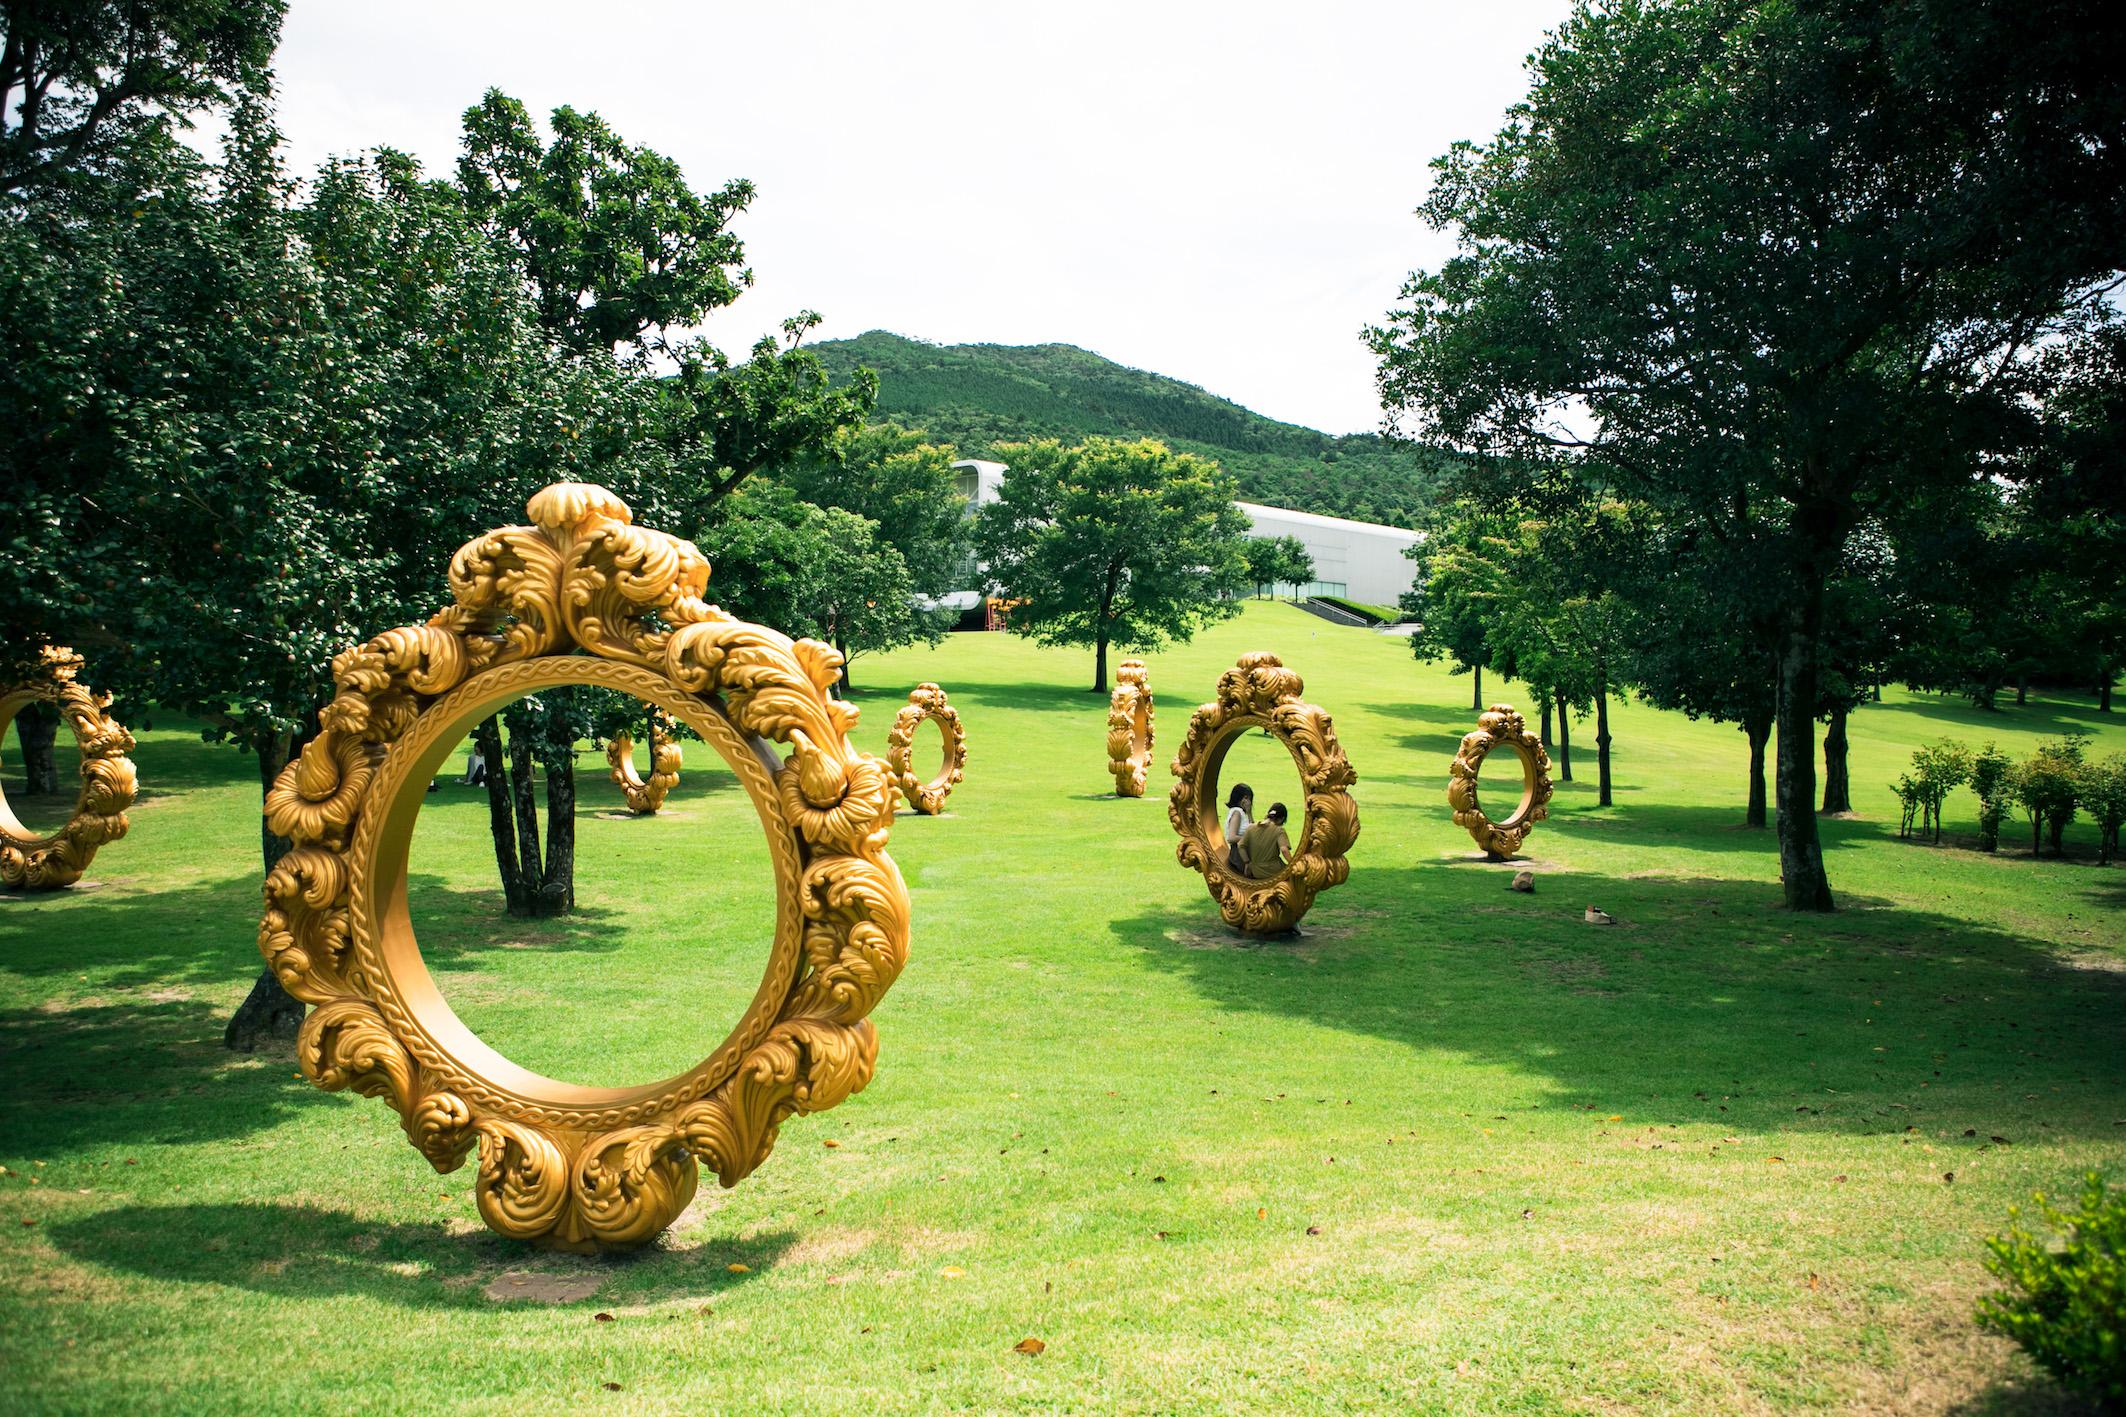 アートやグルメ、パワースポットでエナジーチャージする旅@鹿児島県・霧島市! 編集Aのおすすめスポットをご紹介!_1_1